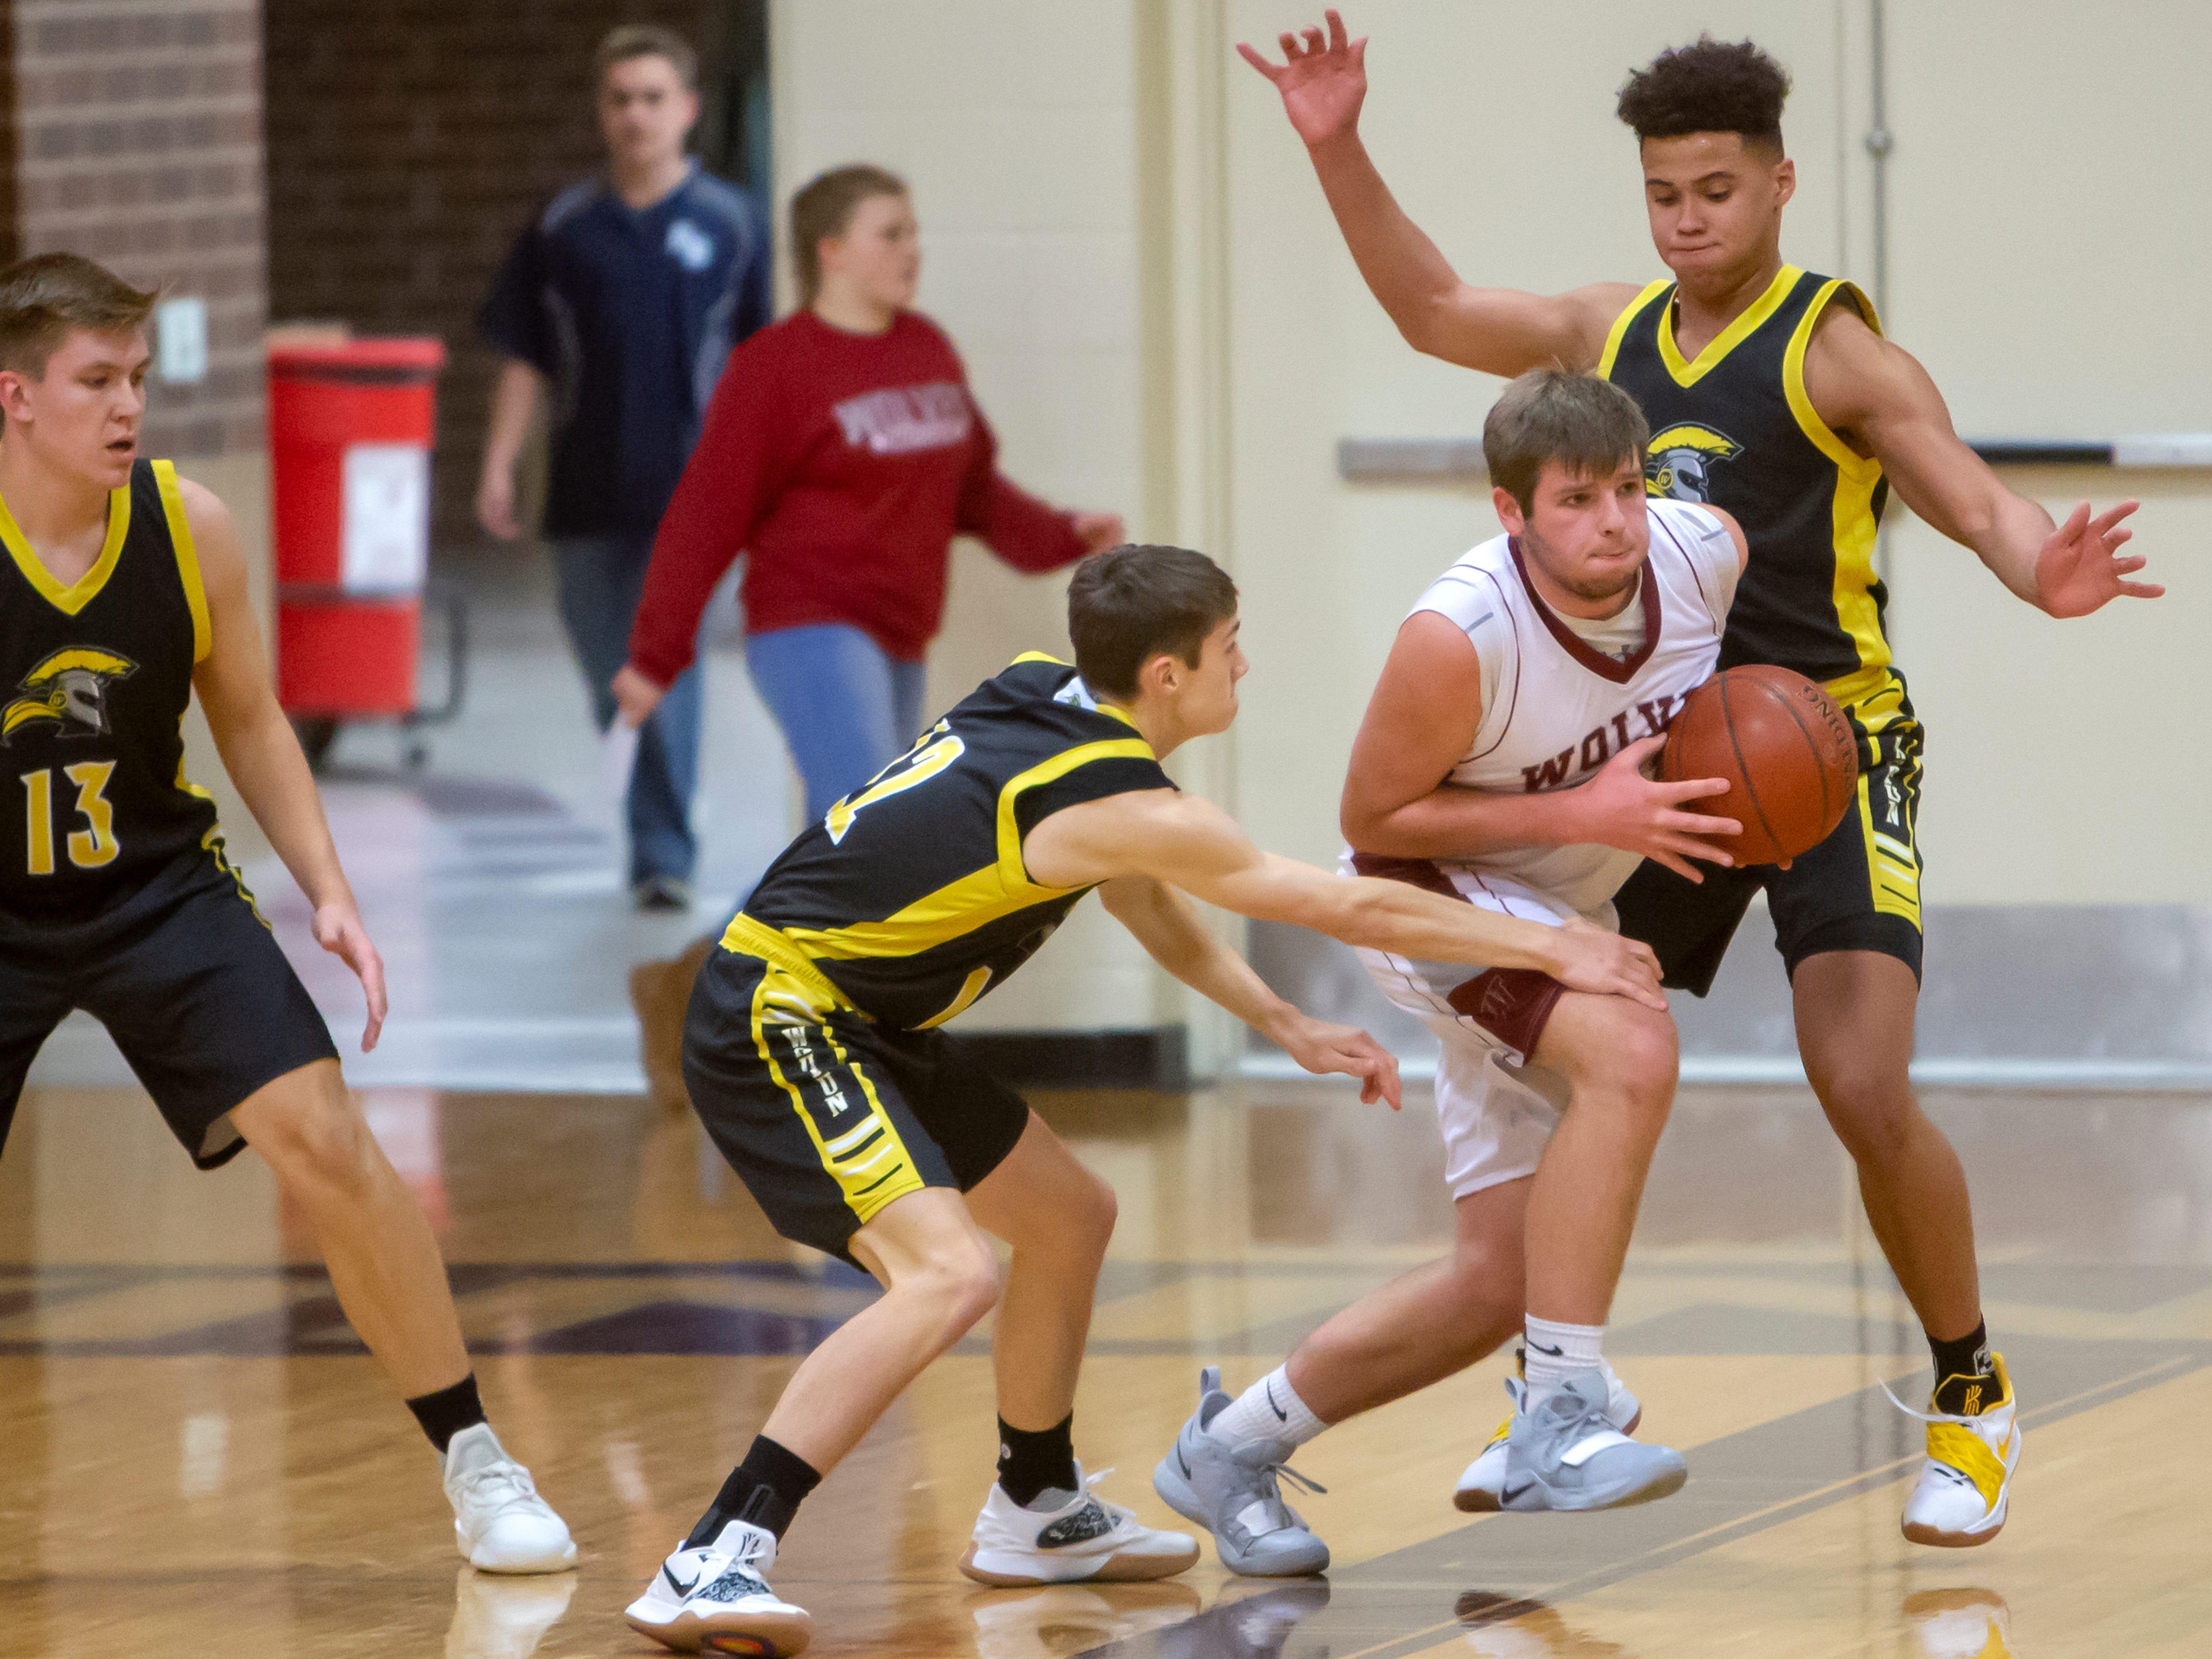 Winneconne's Andrew Jensen drives the ball between Waupun's Tyler Wiese and Quintin Winterfeldt at Winneconne High School on Thursday, Dec. 20, 2018.